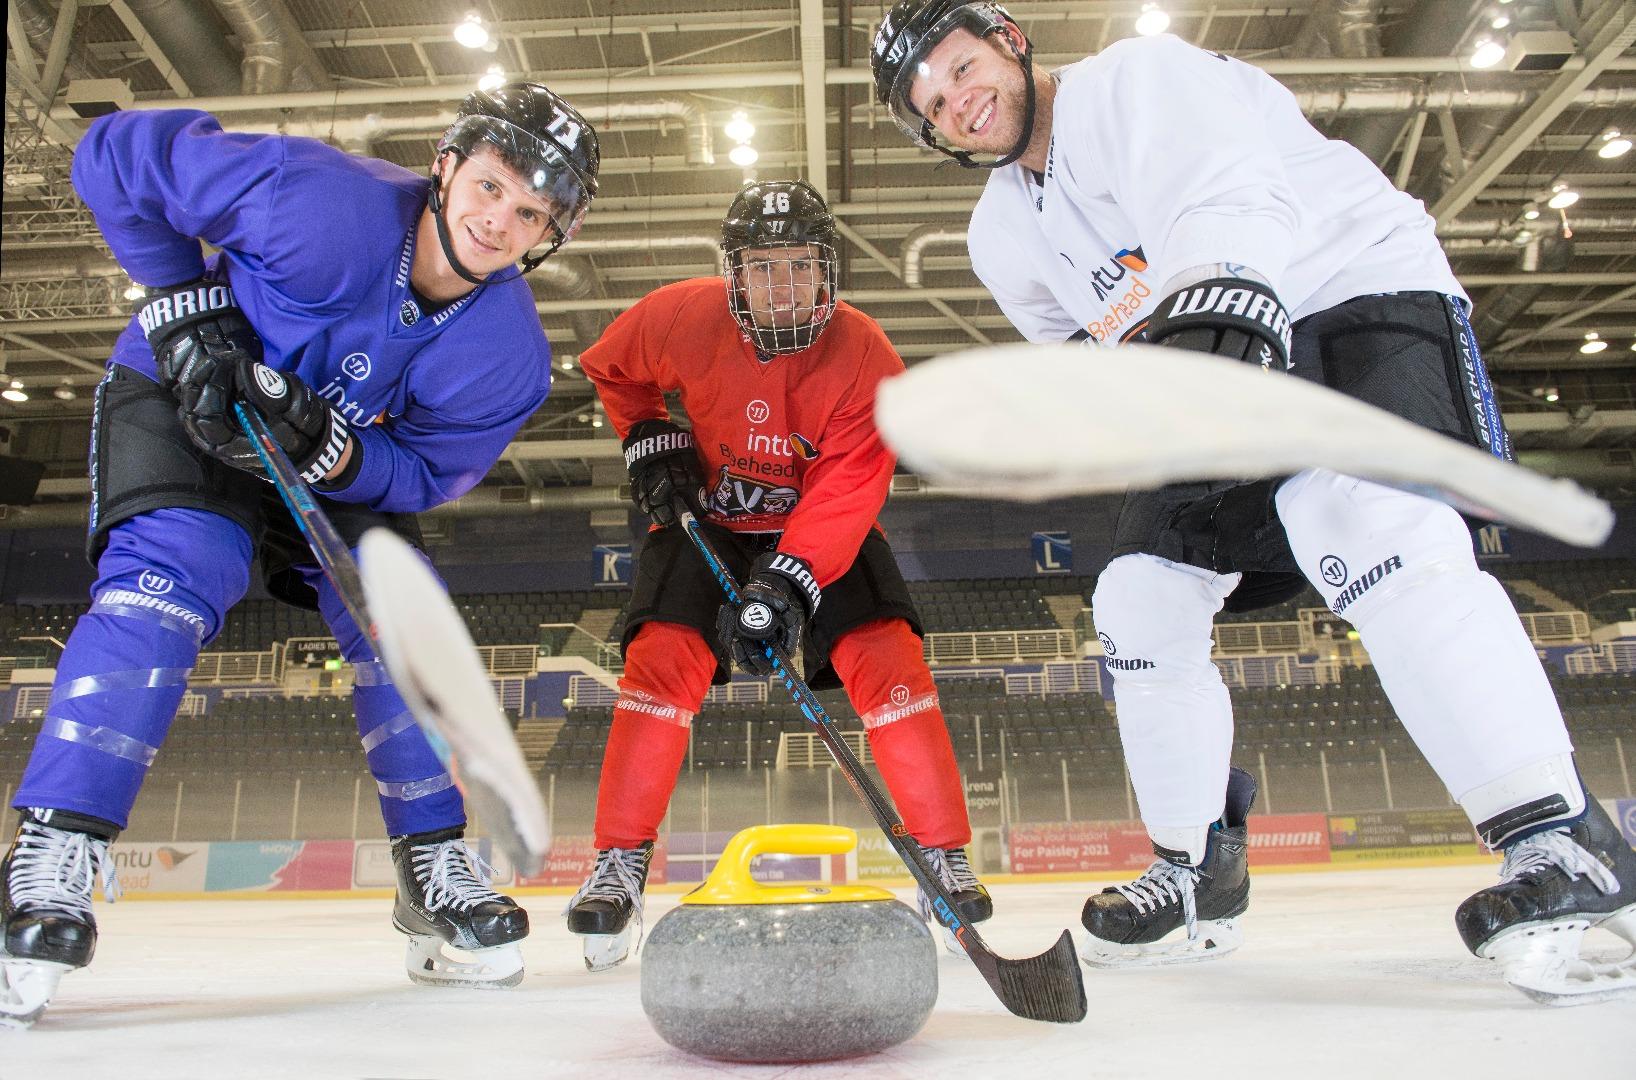 Top curling action sweeping intu Braehead